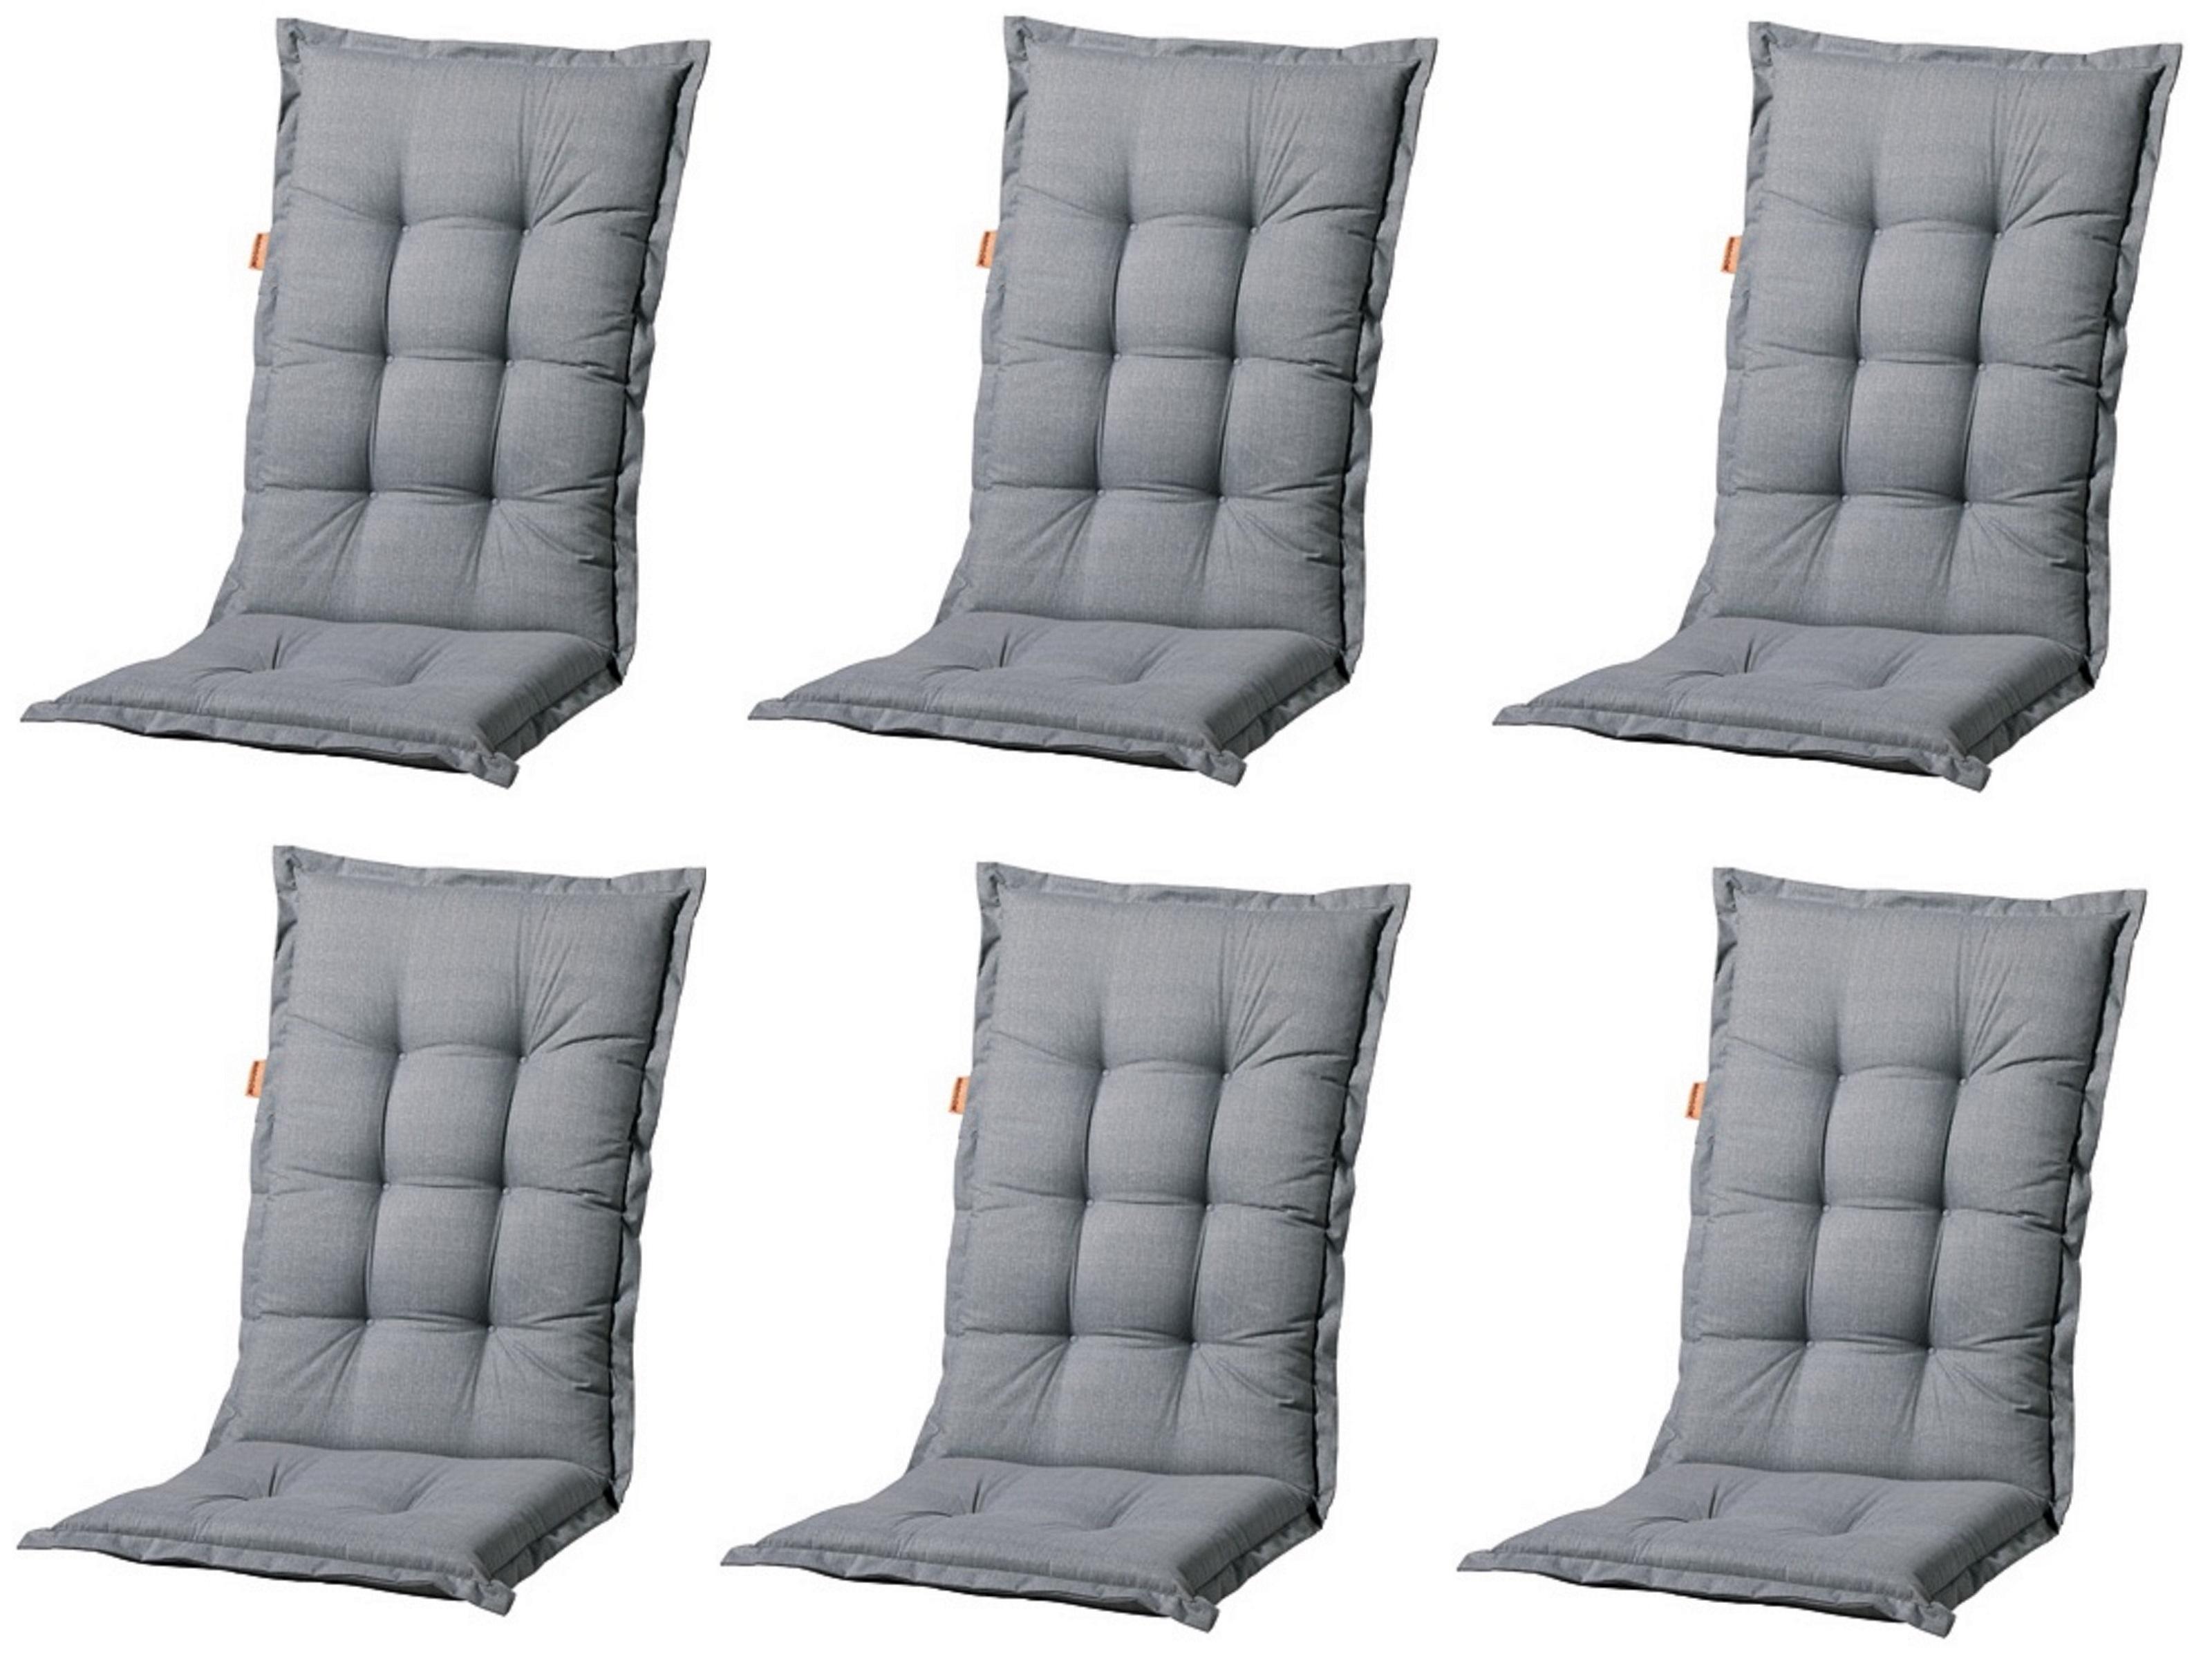 Vorschau 6x A046 Hochlehner Gartenstuhl Auflagen 120x50x8cm Grau Uni